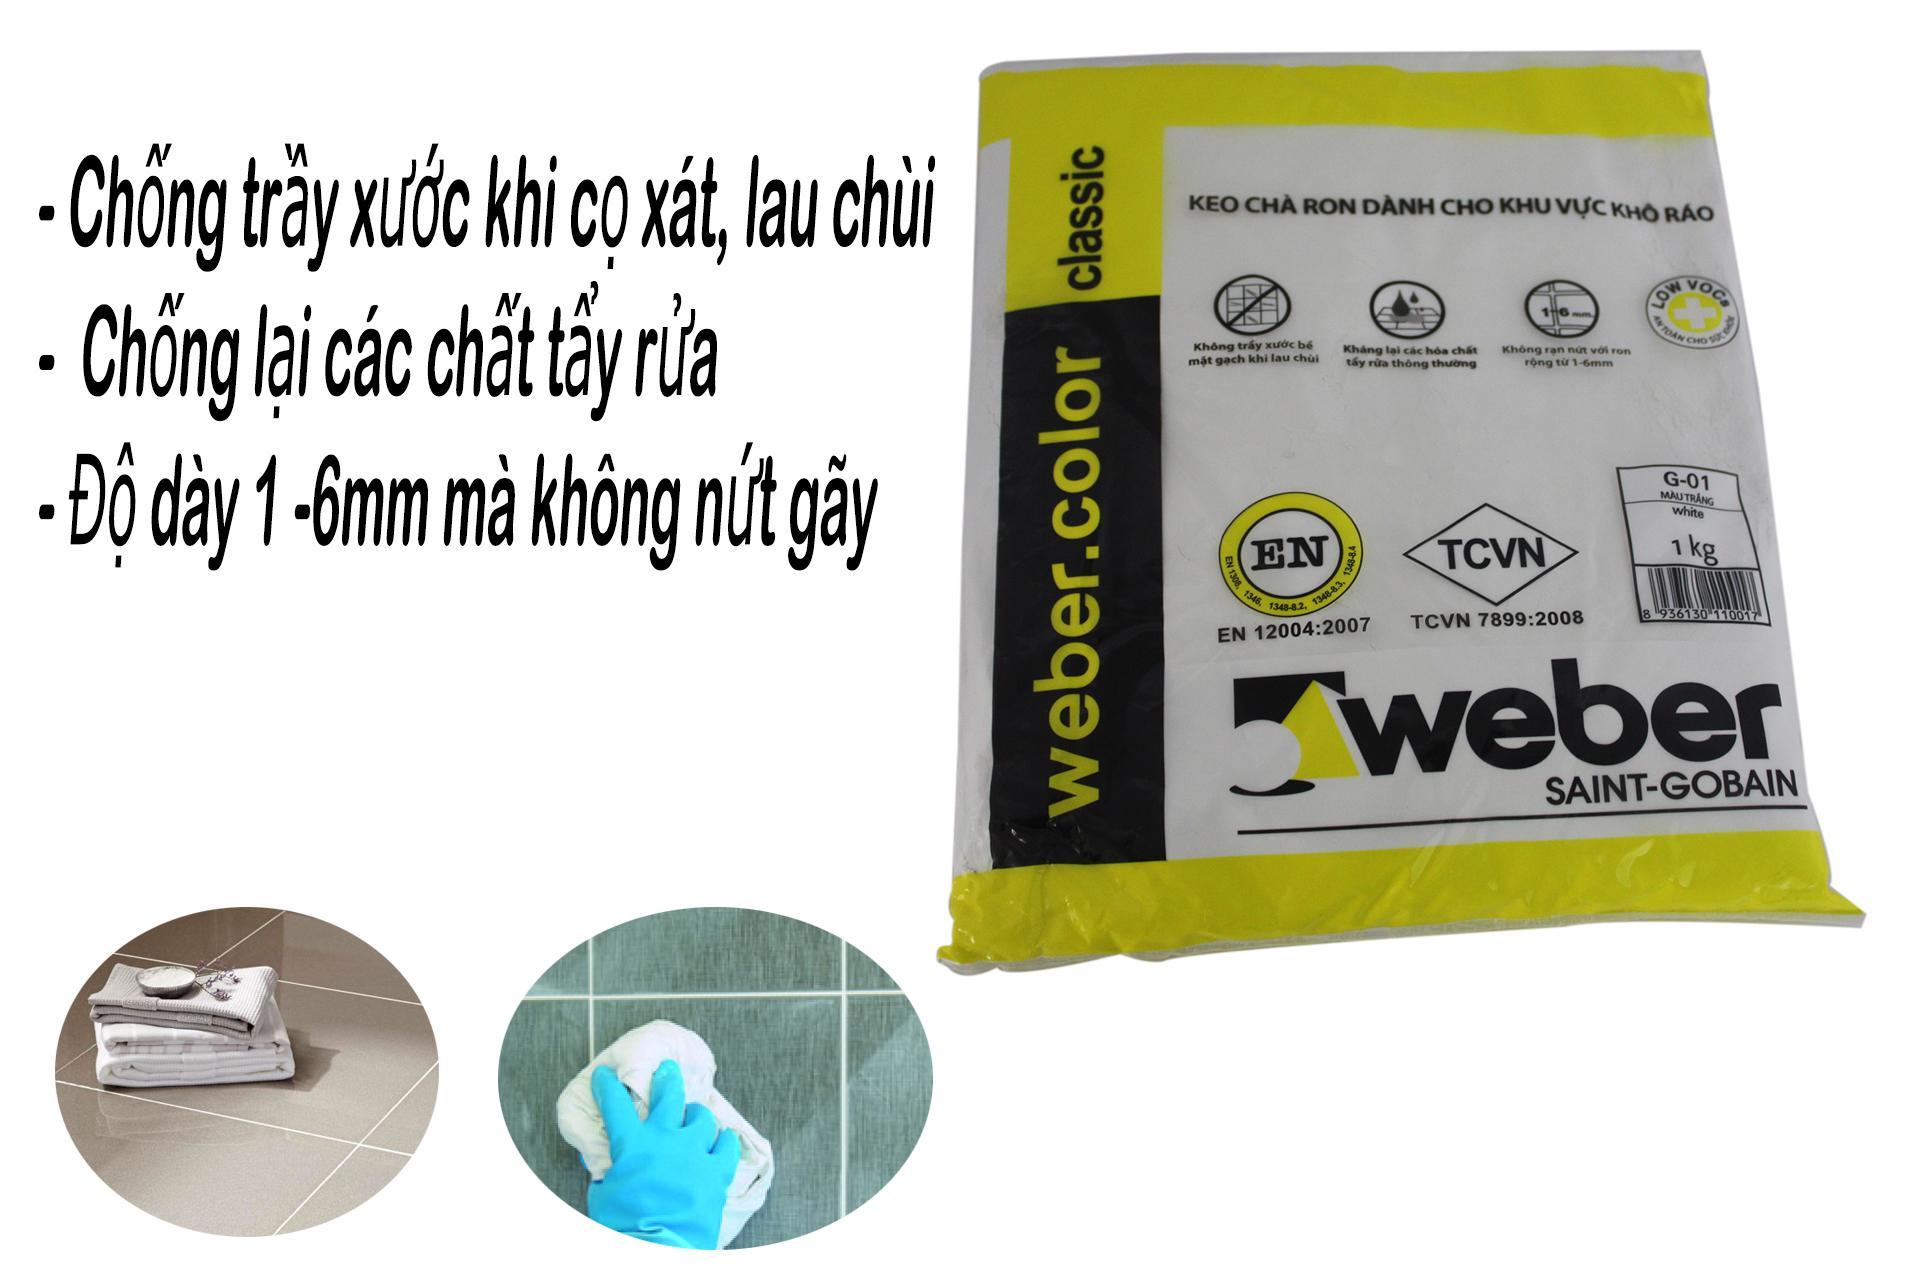 KEO CHÀ RON WEBER - CÔNG NGHỆ THAILAND